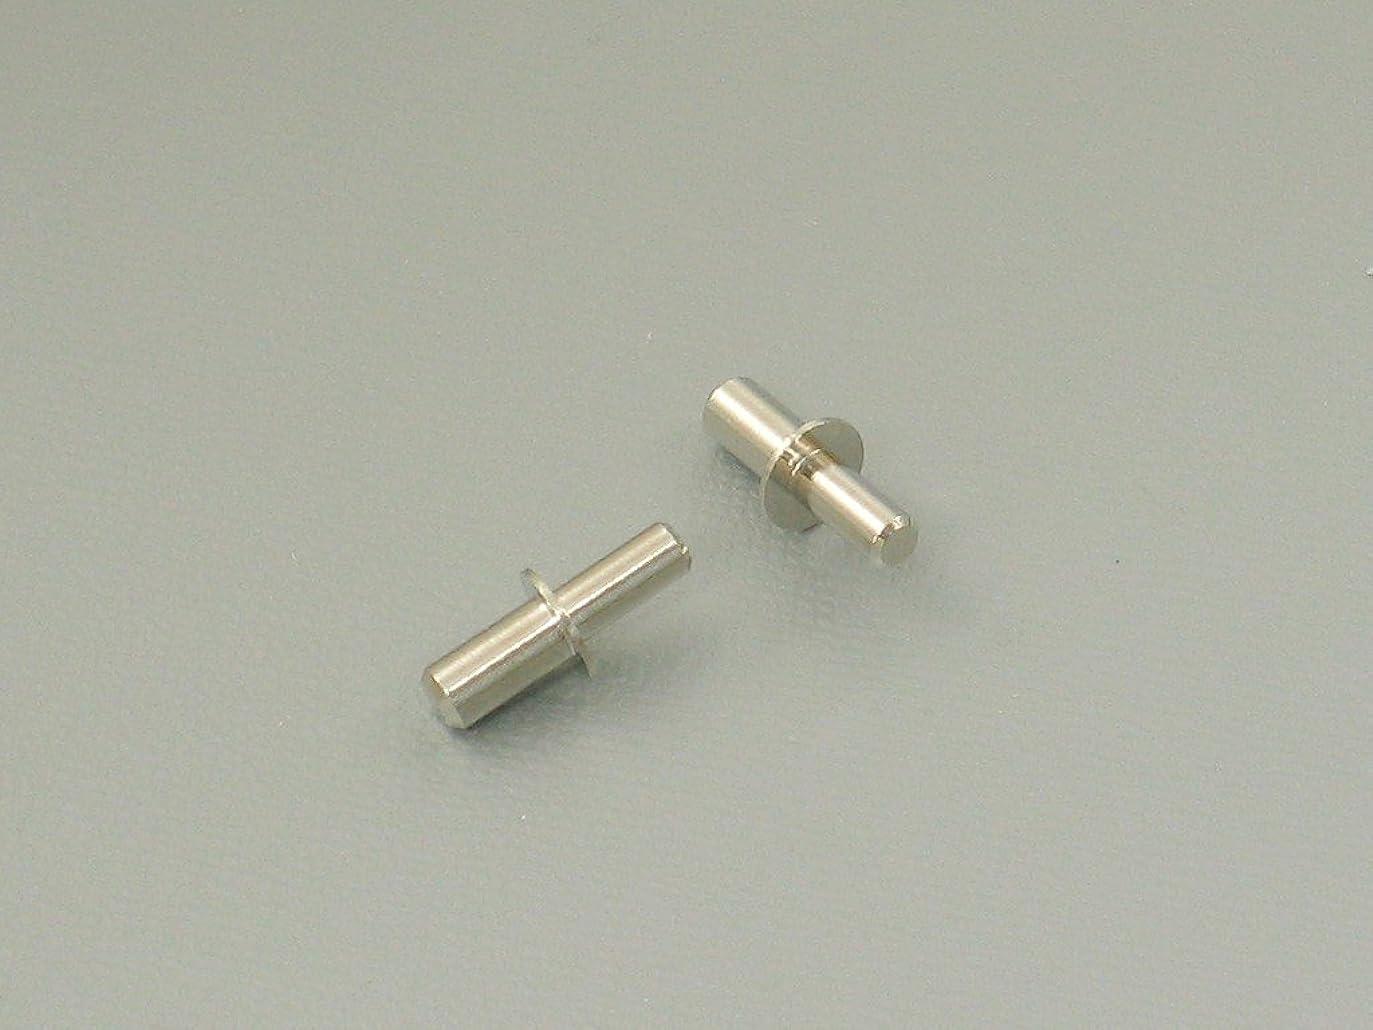 球状漂流飼い慣らす真鍮製差し込みダボ棚受 リバーシブルタイプ 3.8mm/4.5mm 1個入り